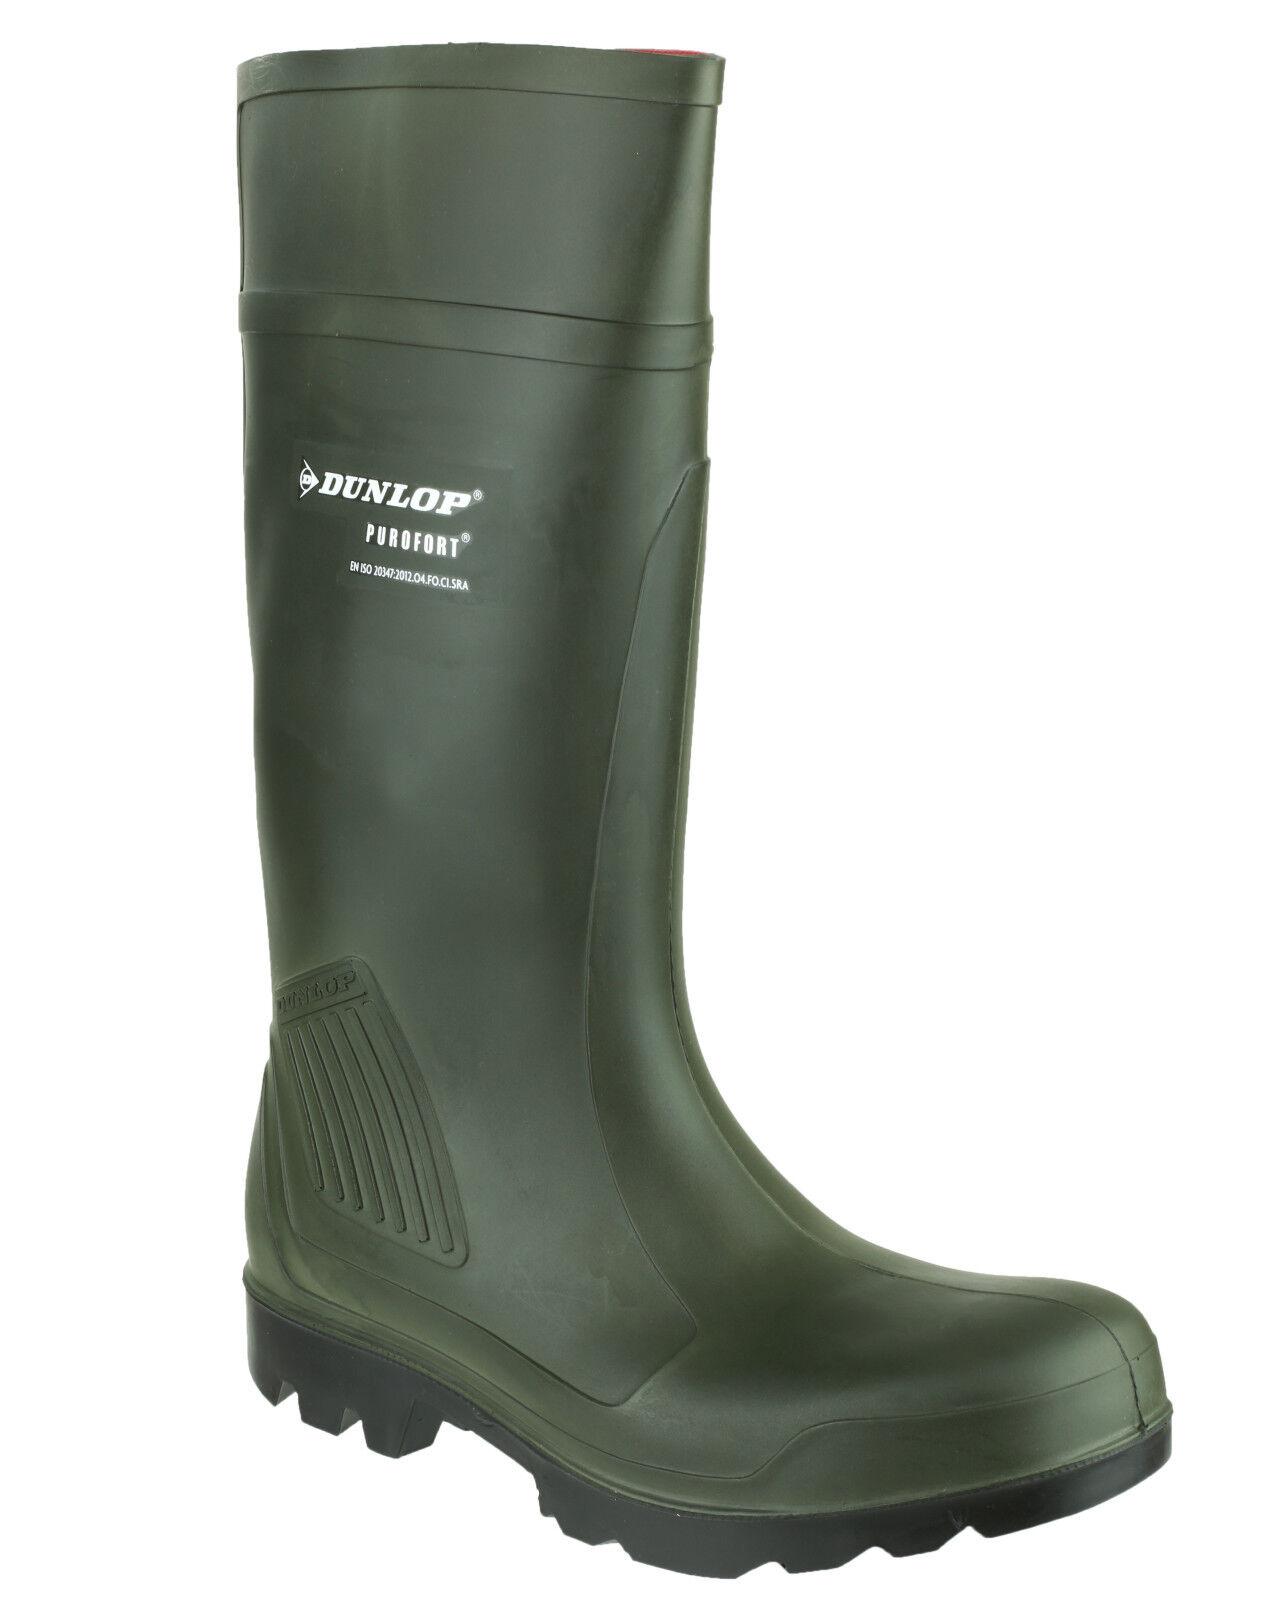 Stivali da lavoro Dunlop Purofort professionale completa